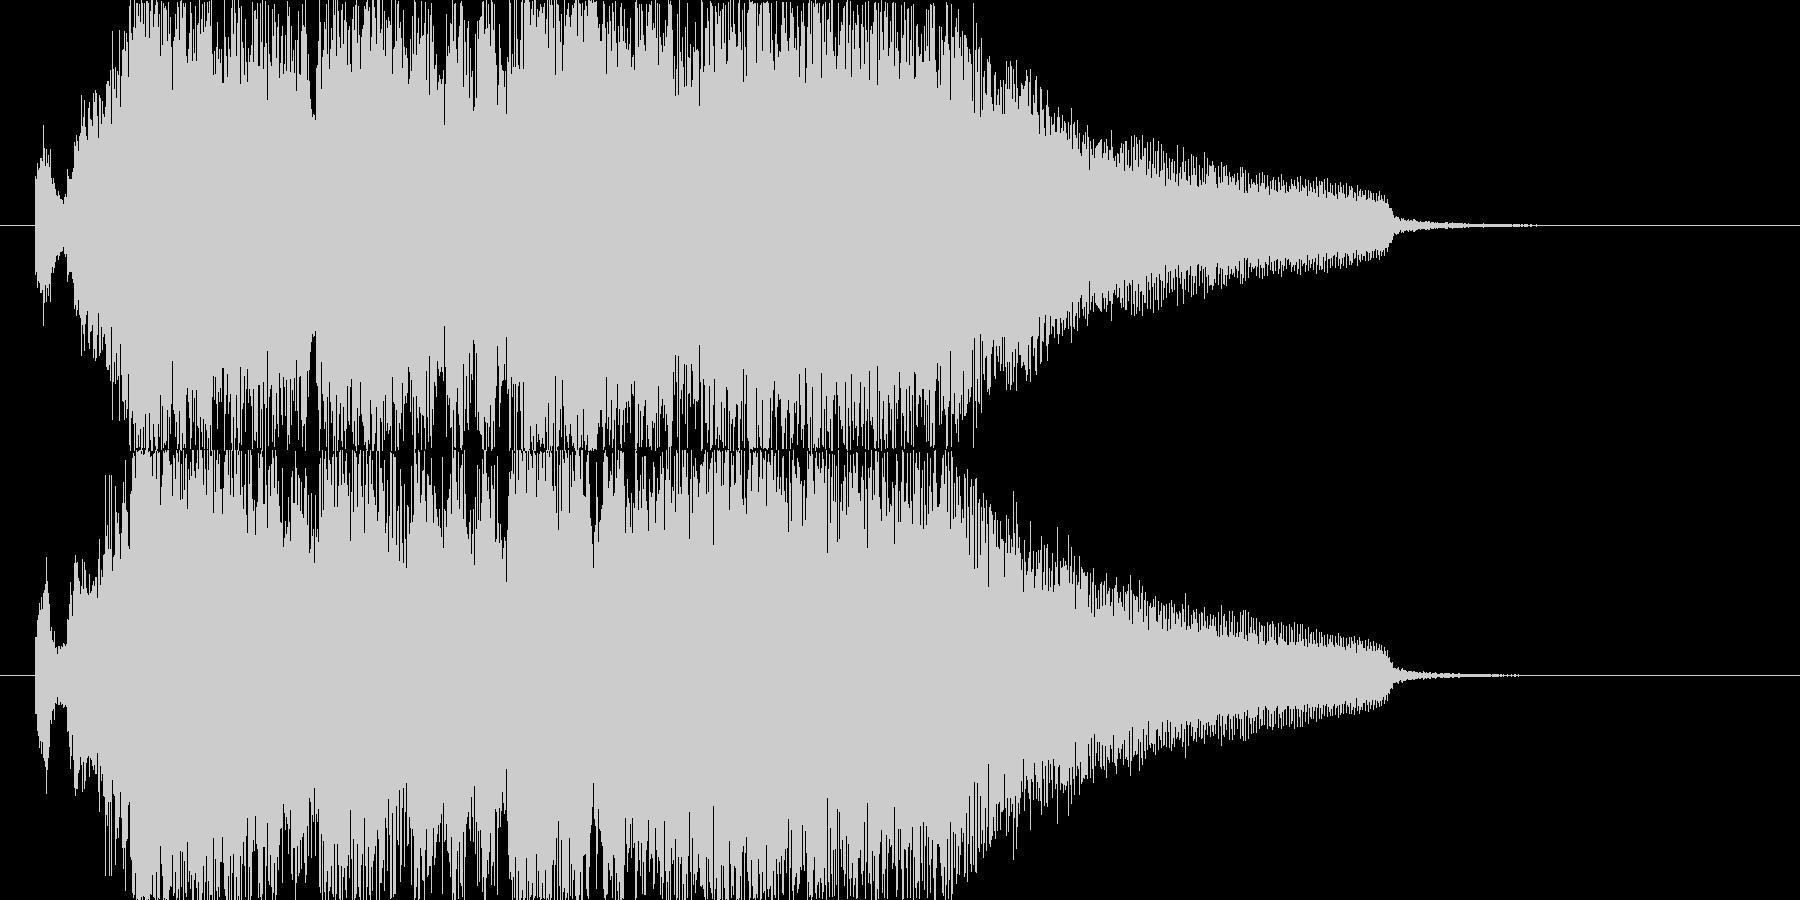 勝利のファンファーレ2の未再生の波形